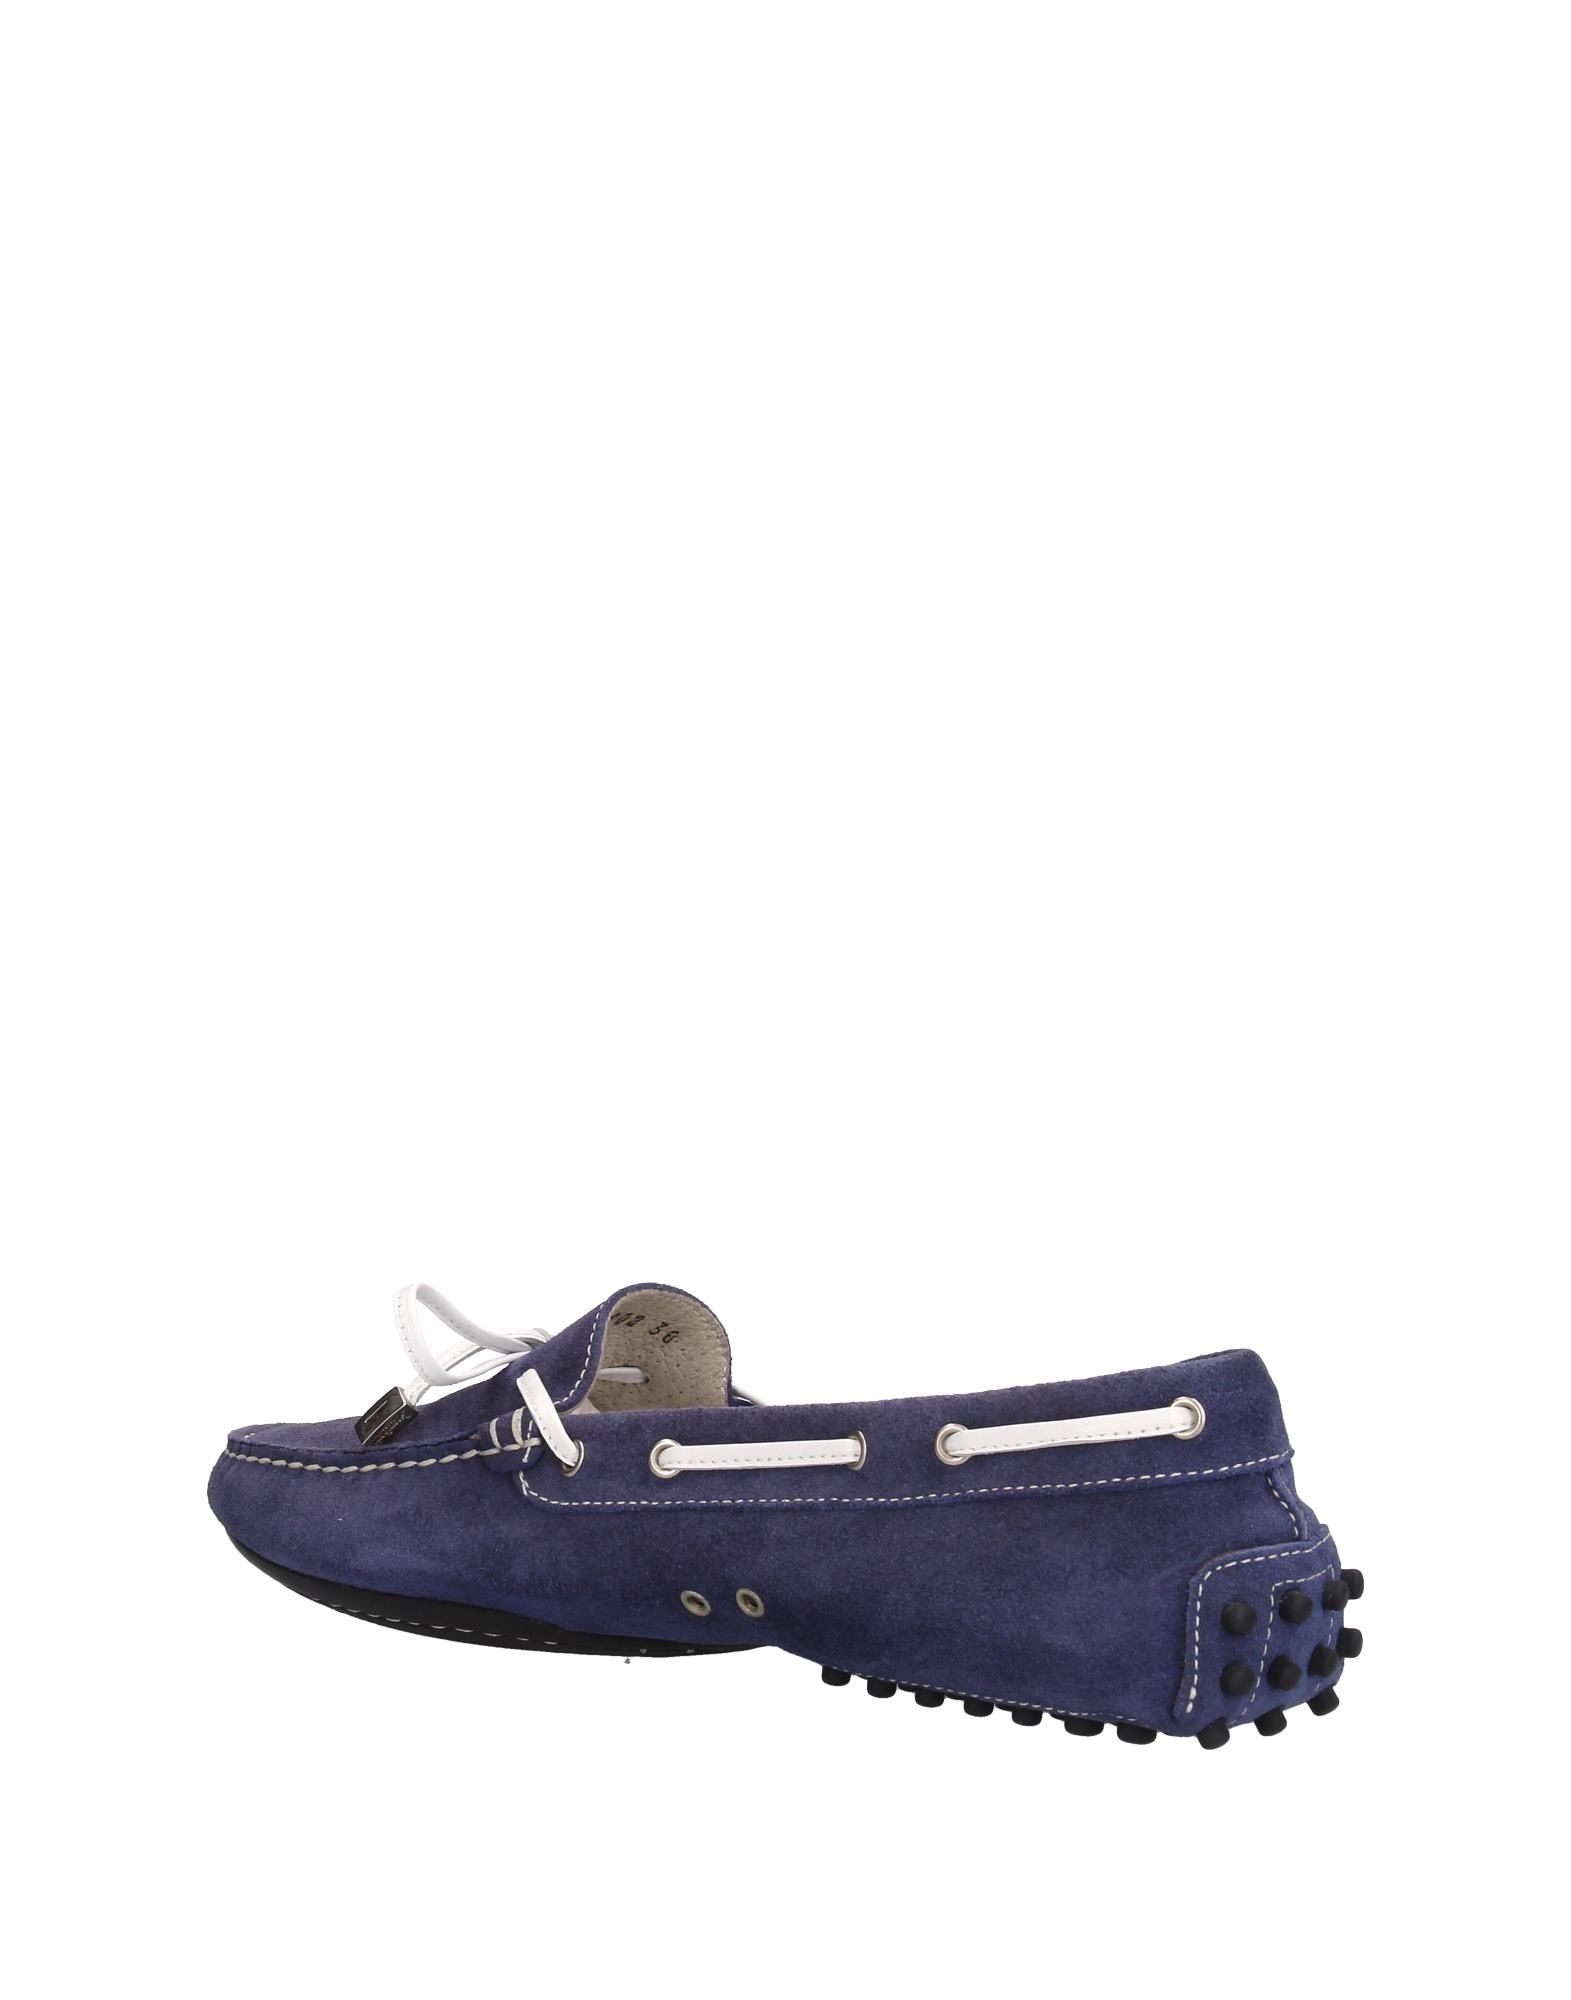 Stilvolle billige Mokassins Schuhe Alberto Guardiani Mokassins billige Damen  11199375LG 57d42b